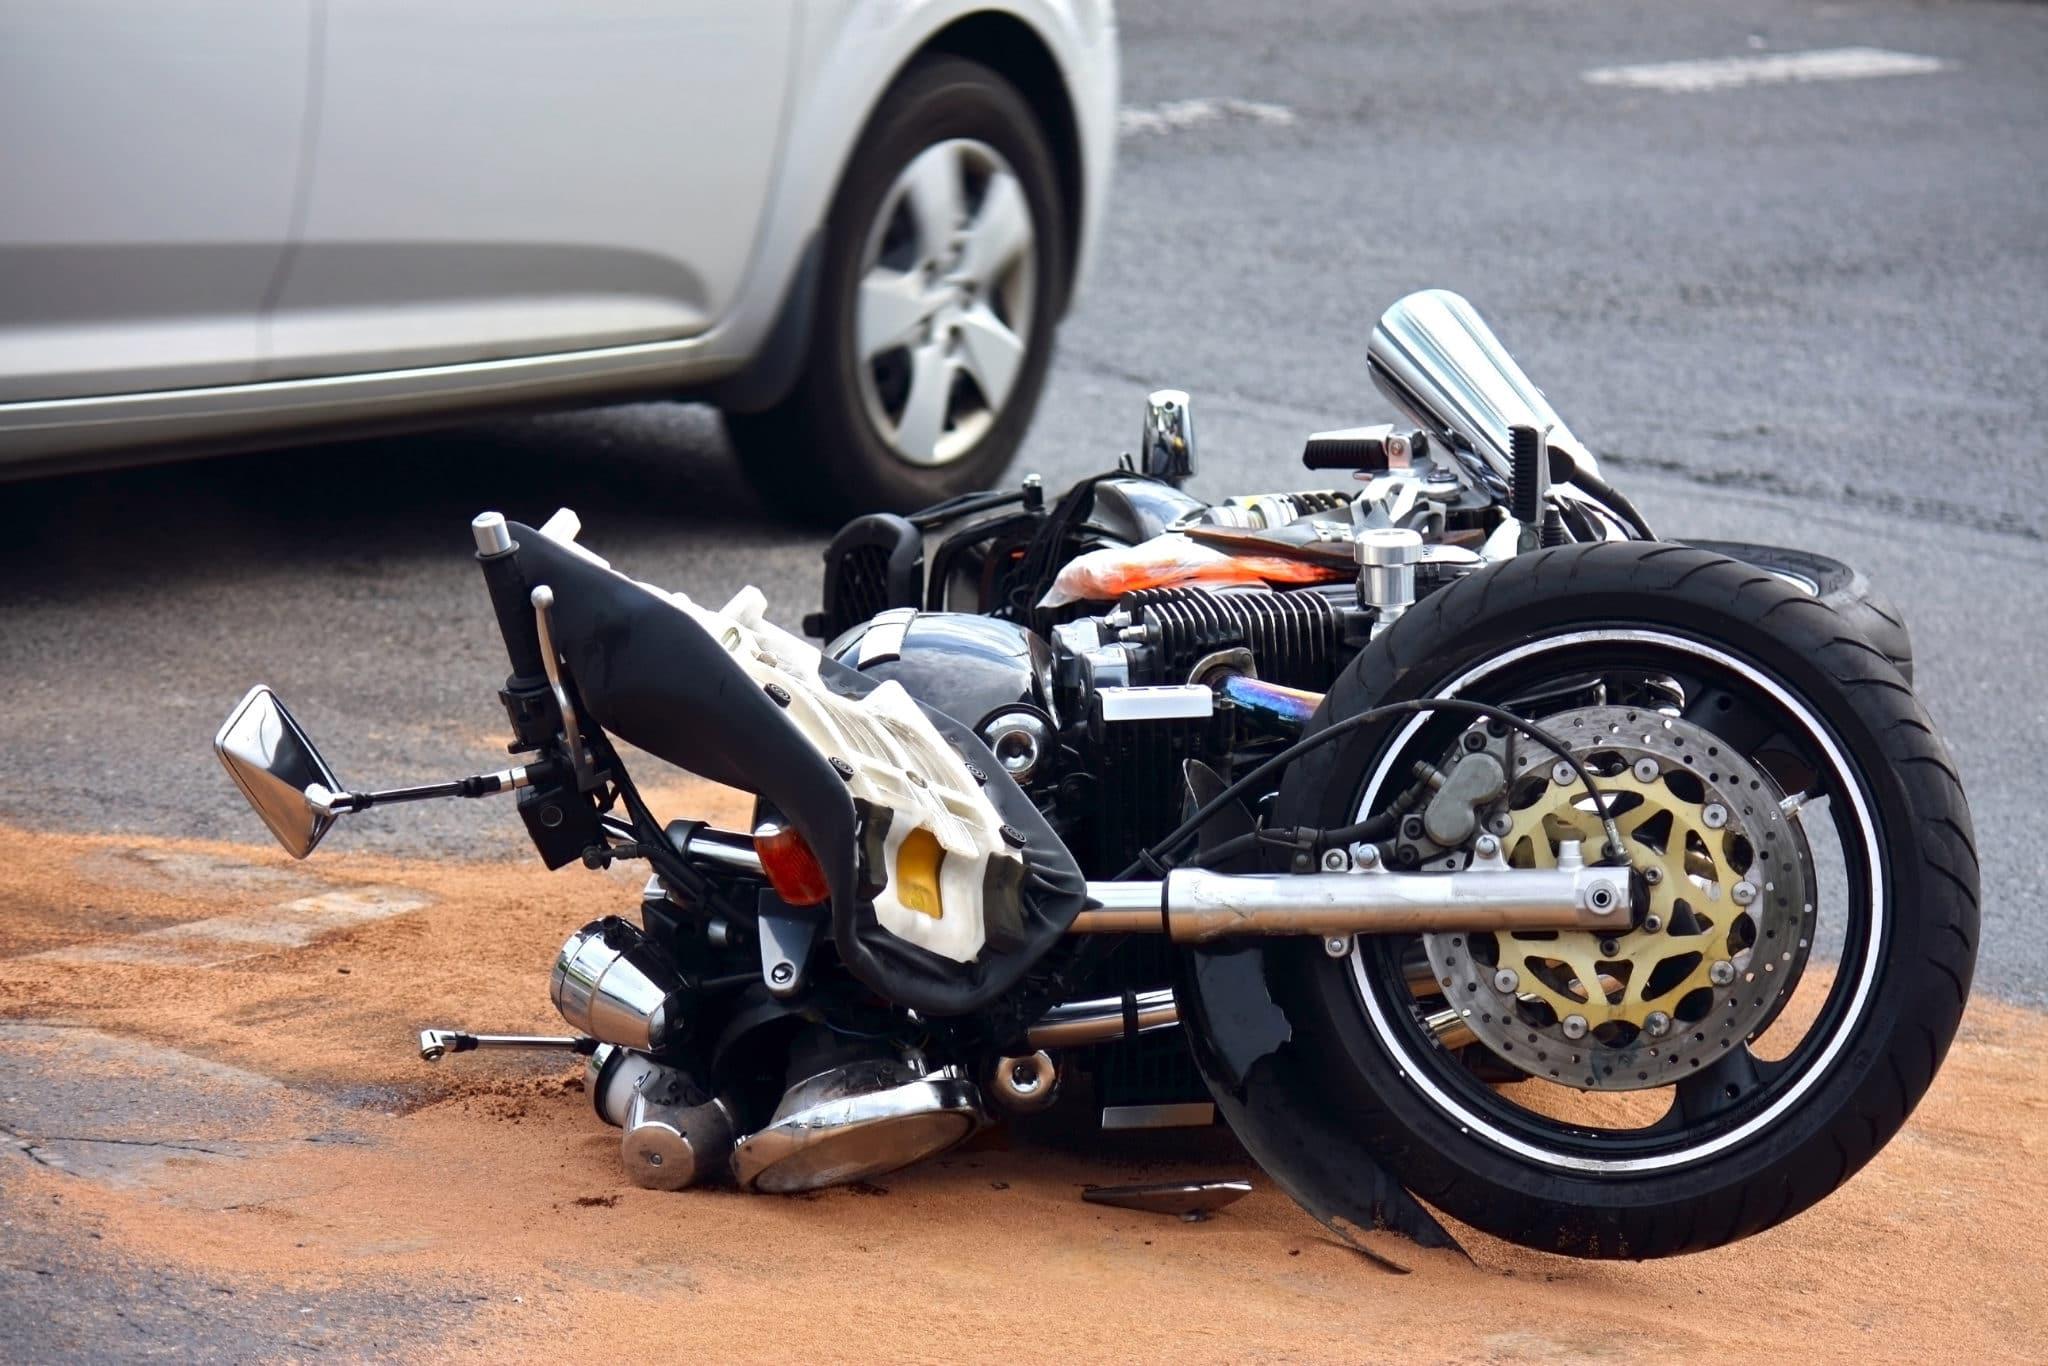 Verkehrsunfall - Kollision zwischen Geländewagen und einem Motorrad